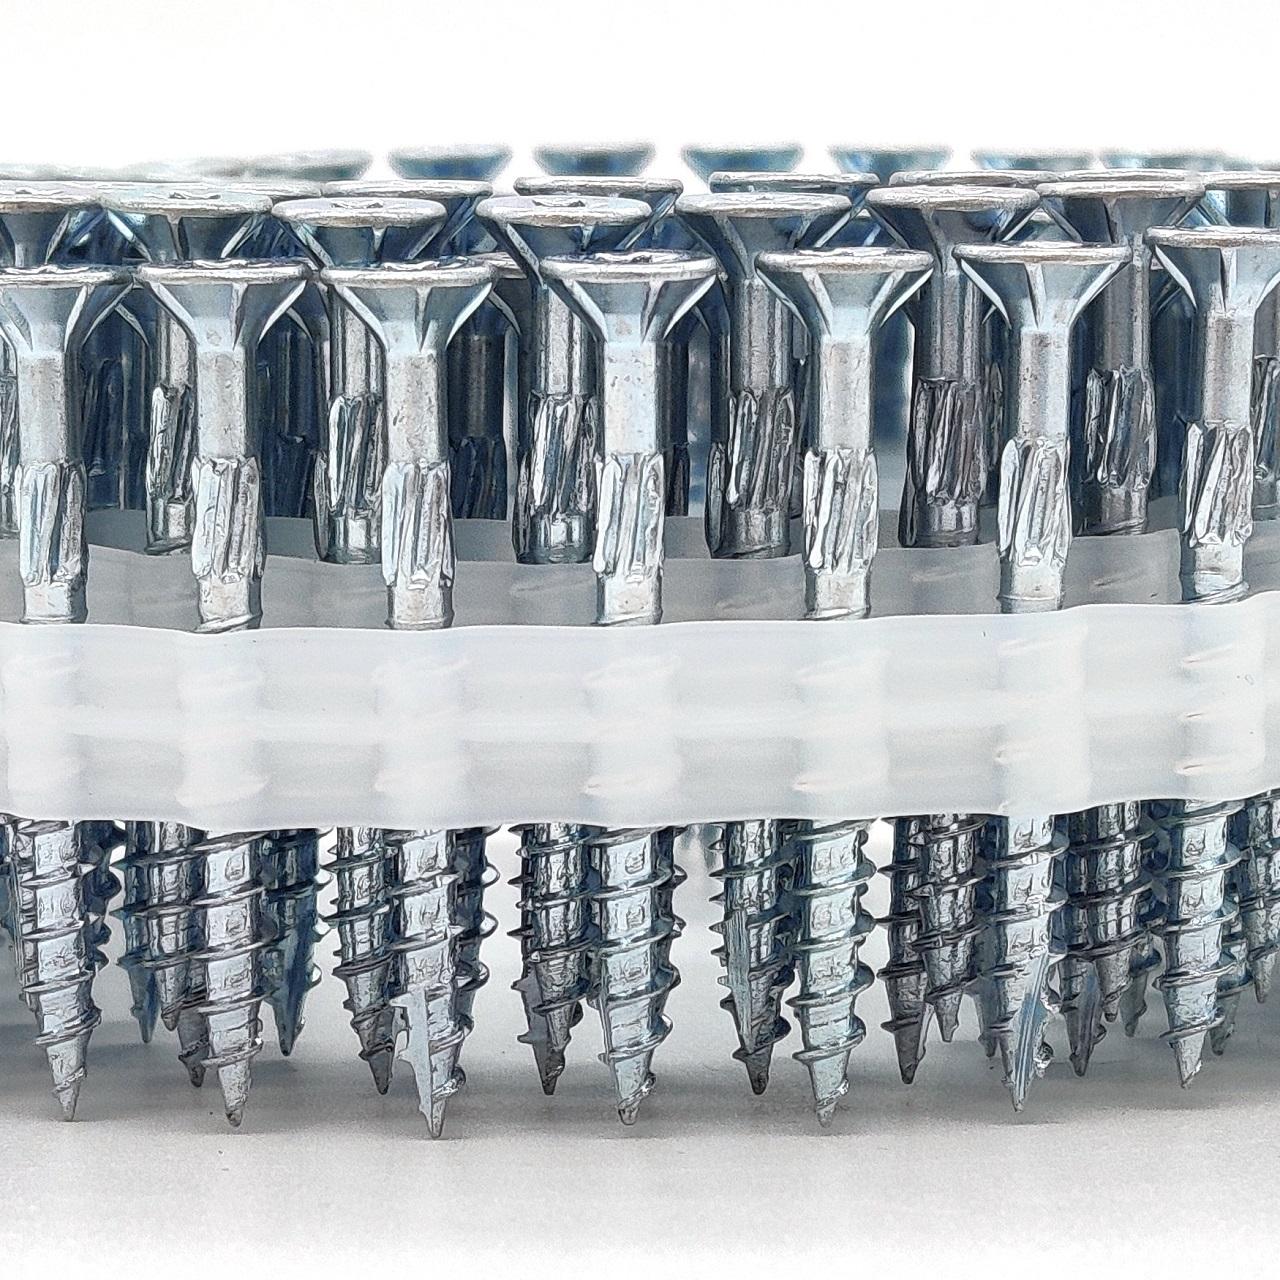 Coil adunox-SuperUni Holzschrauben / Spanplattenschrauben   hell verzinkt   4,0x30   2.500 Stk